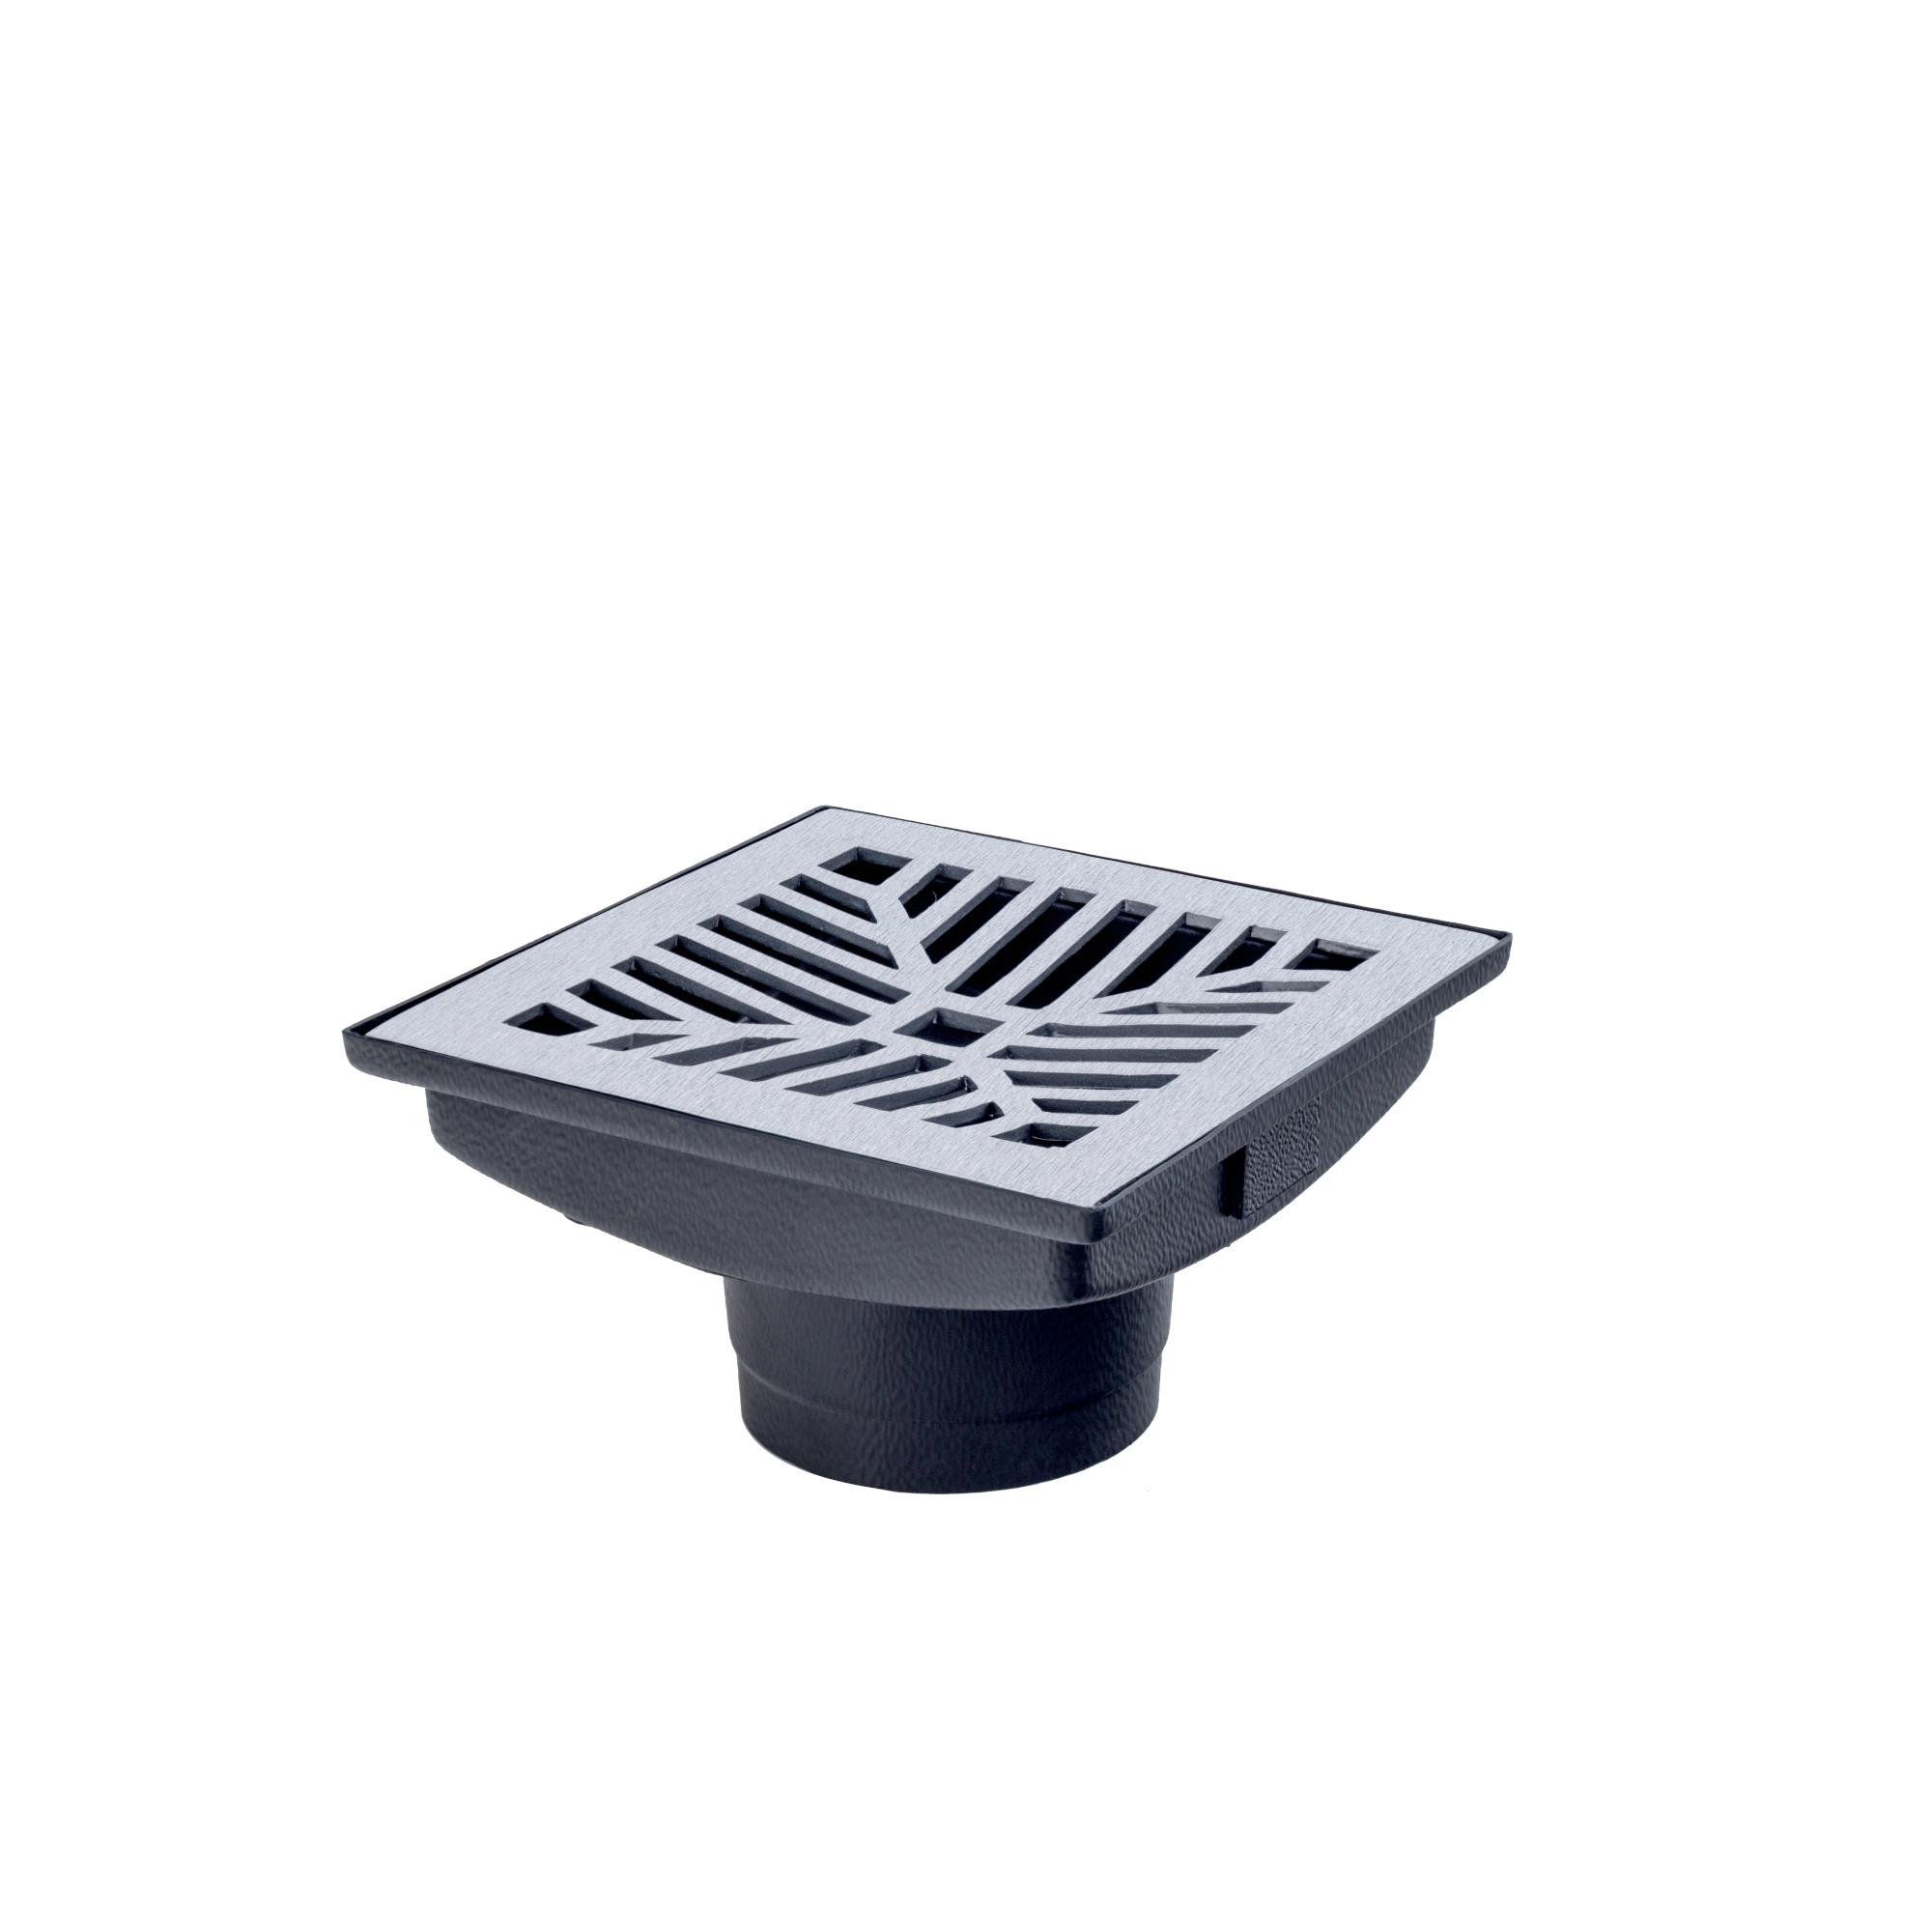 Grelha de Aluminio para Piso Polida Quadrada com Caixa 18x18cm - LGMais